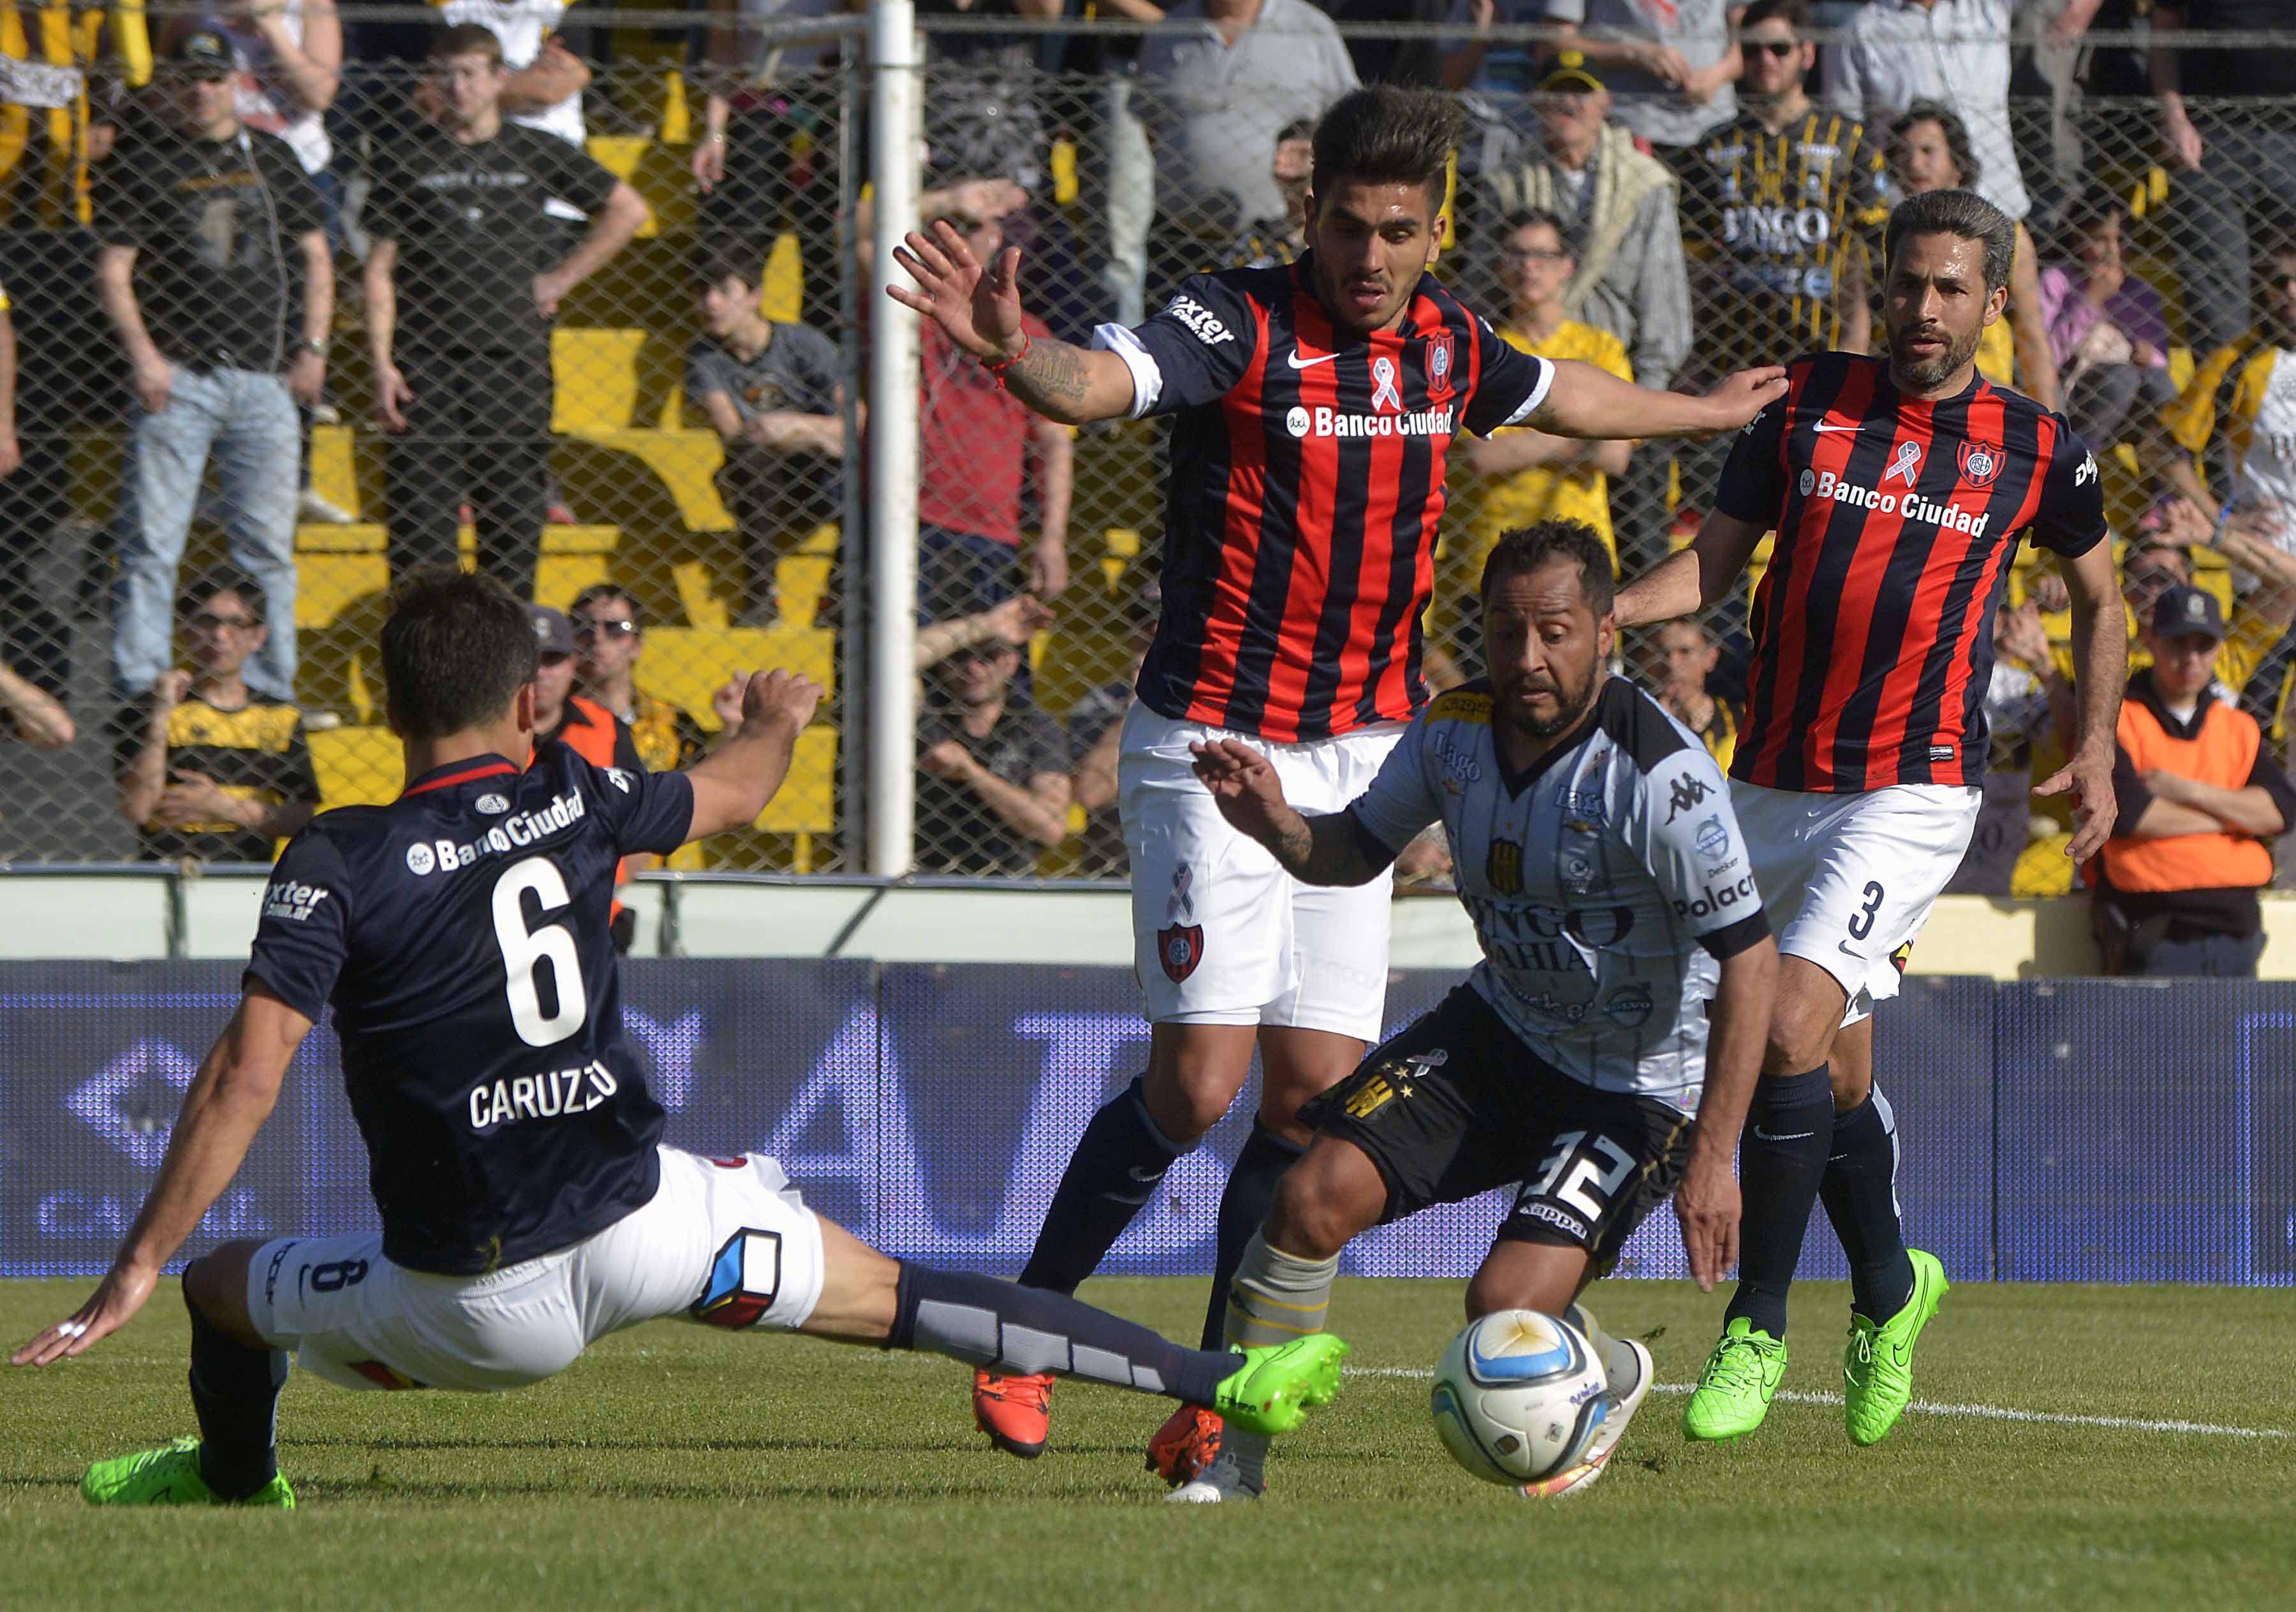 Golazo del Sapito. Hernán Encina inició la jugada en la puerta del área y la fue a buscar para definir con categoría ante el arquero Viola. Fue el 1-0 de Olimpo.